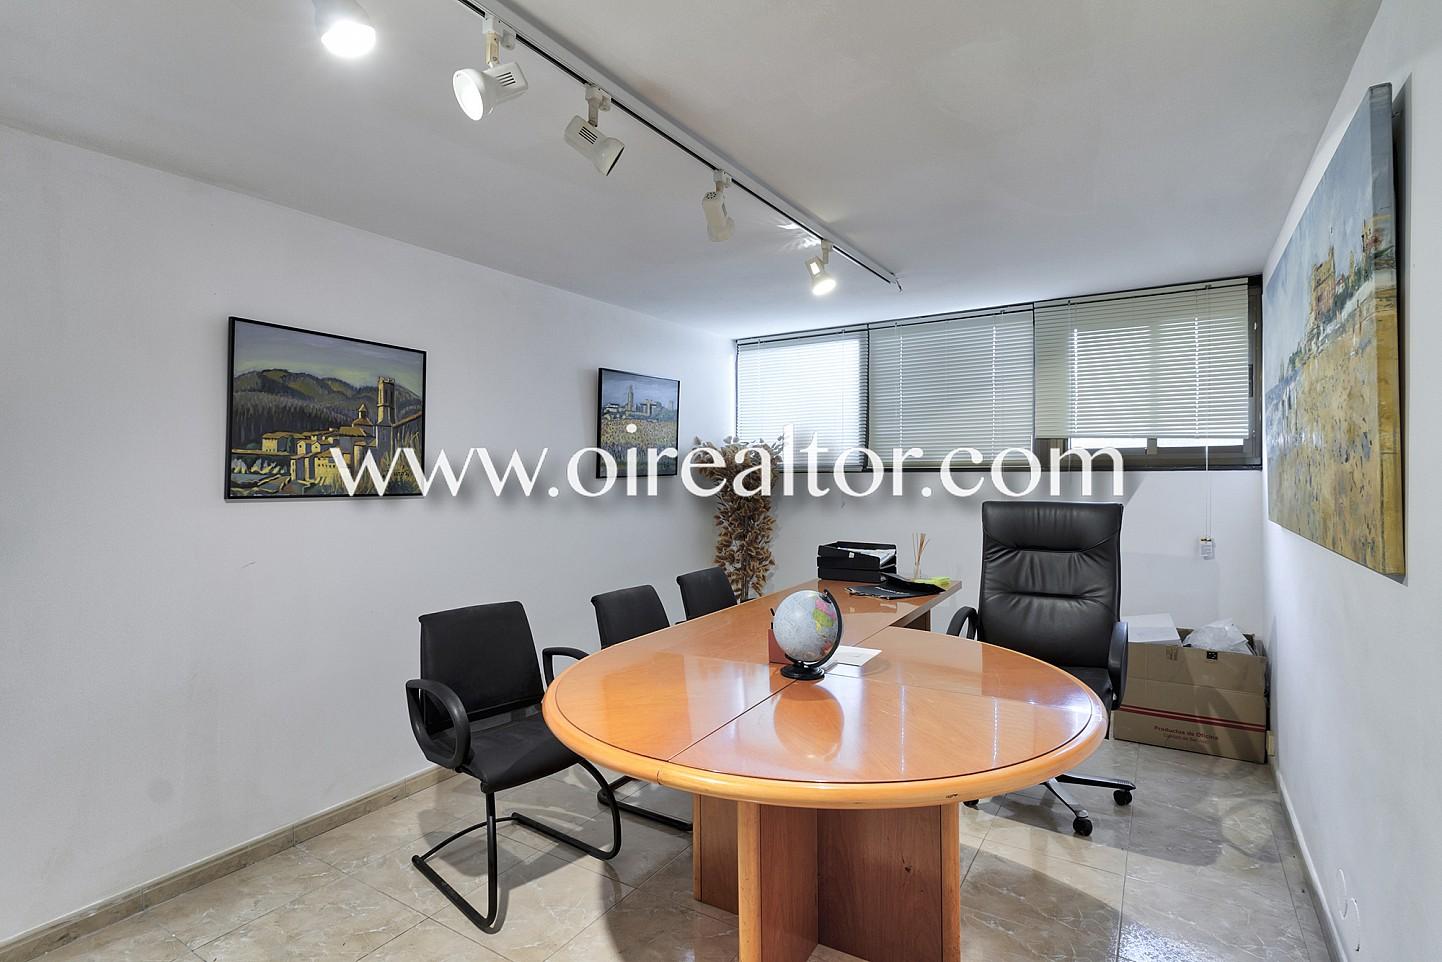 Oficinas en venta en pedralbes barcelona oi realtor for Oficinas barcelona